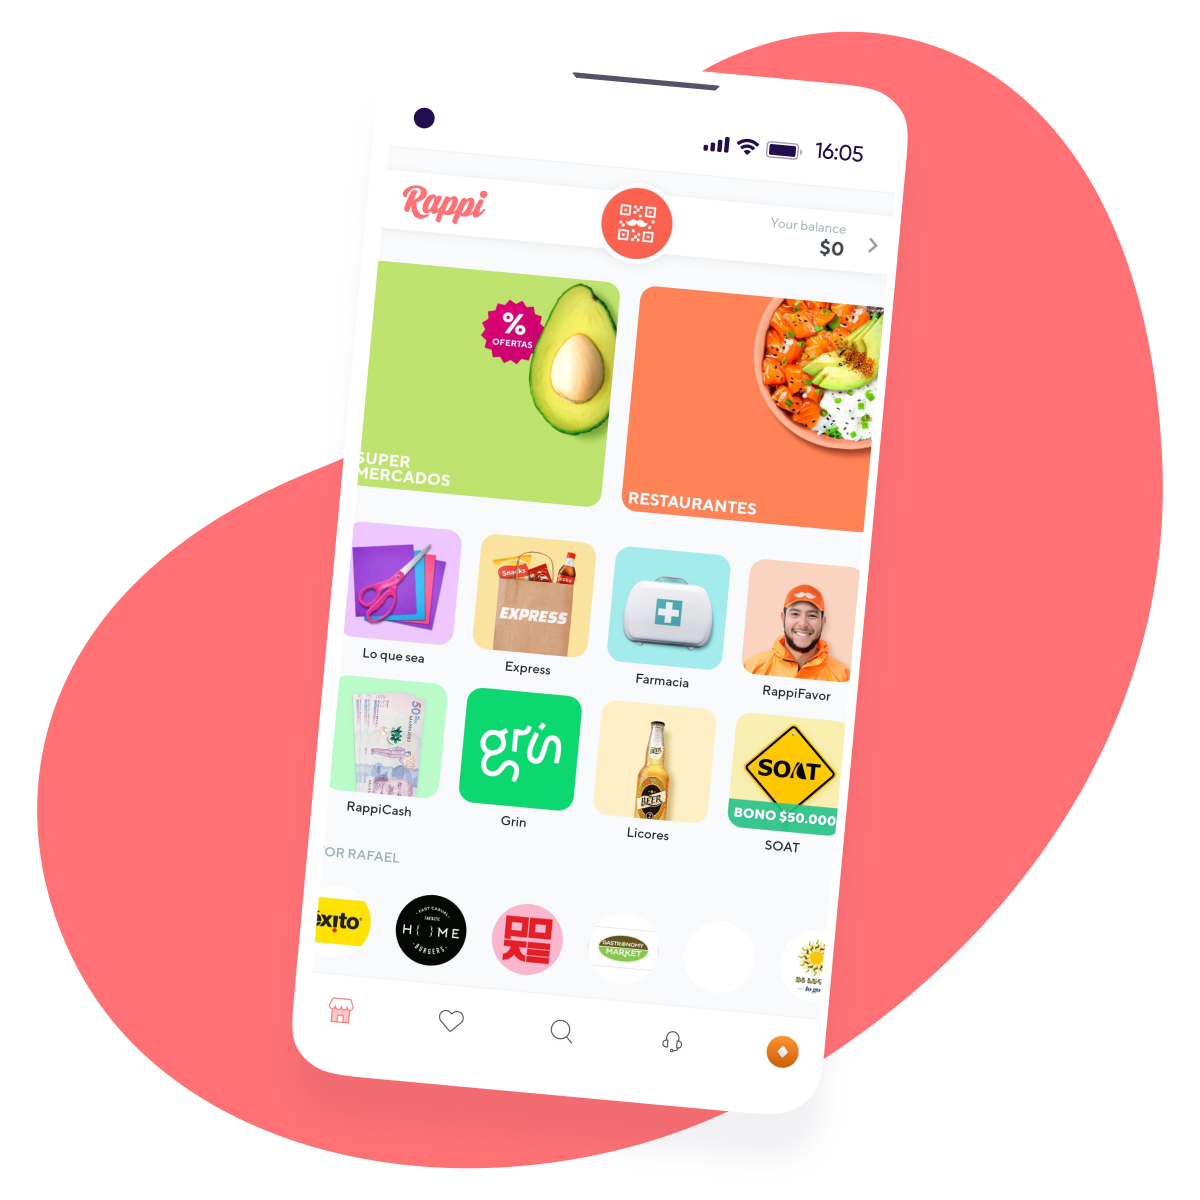 Rappi AppsFlyer Customer